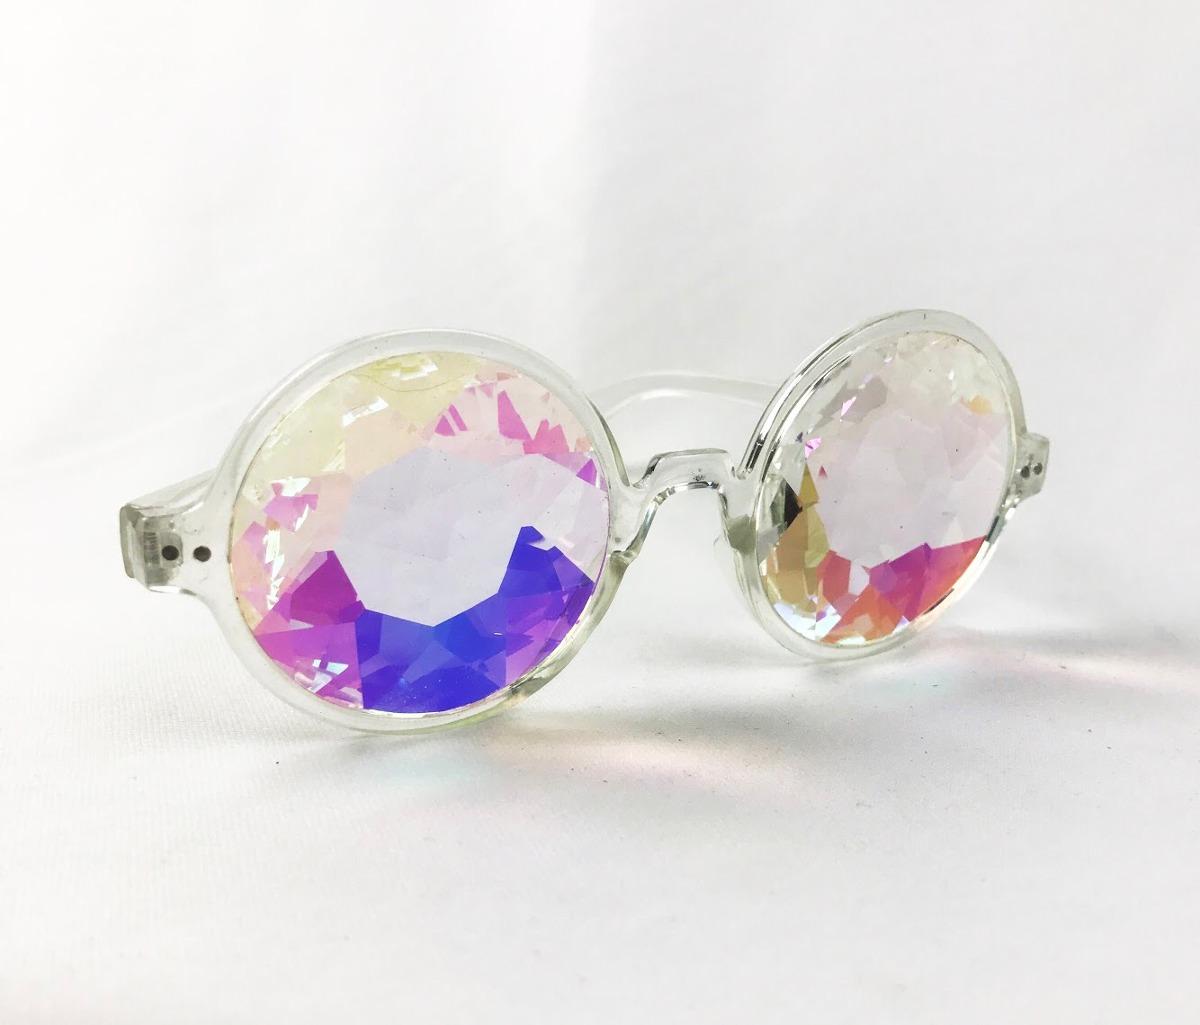 d4b988a232b8a óculos de sol barato psicodélico rave festival hipster. Carregando zoom.